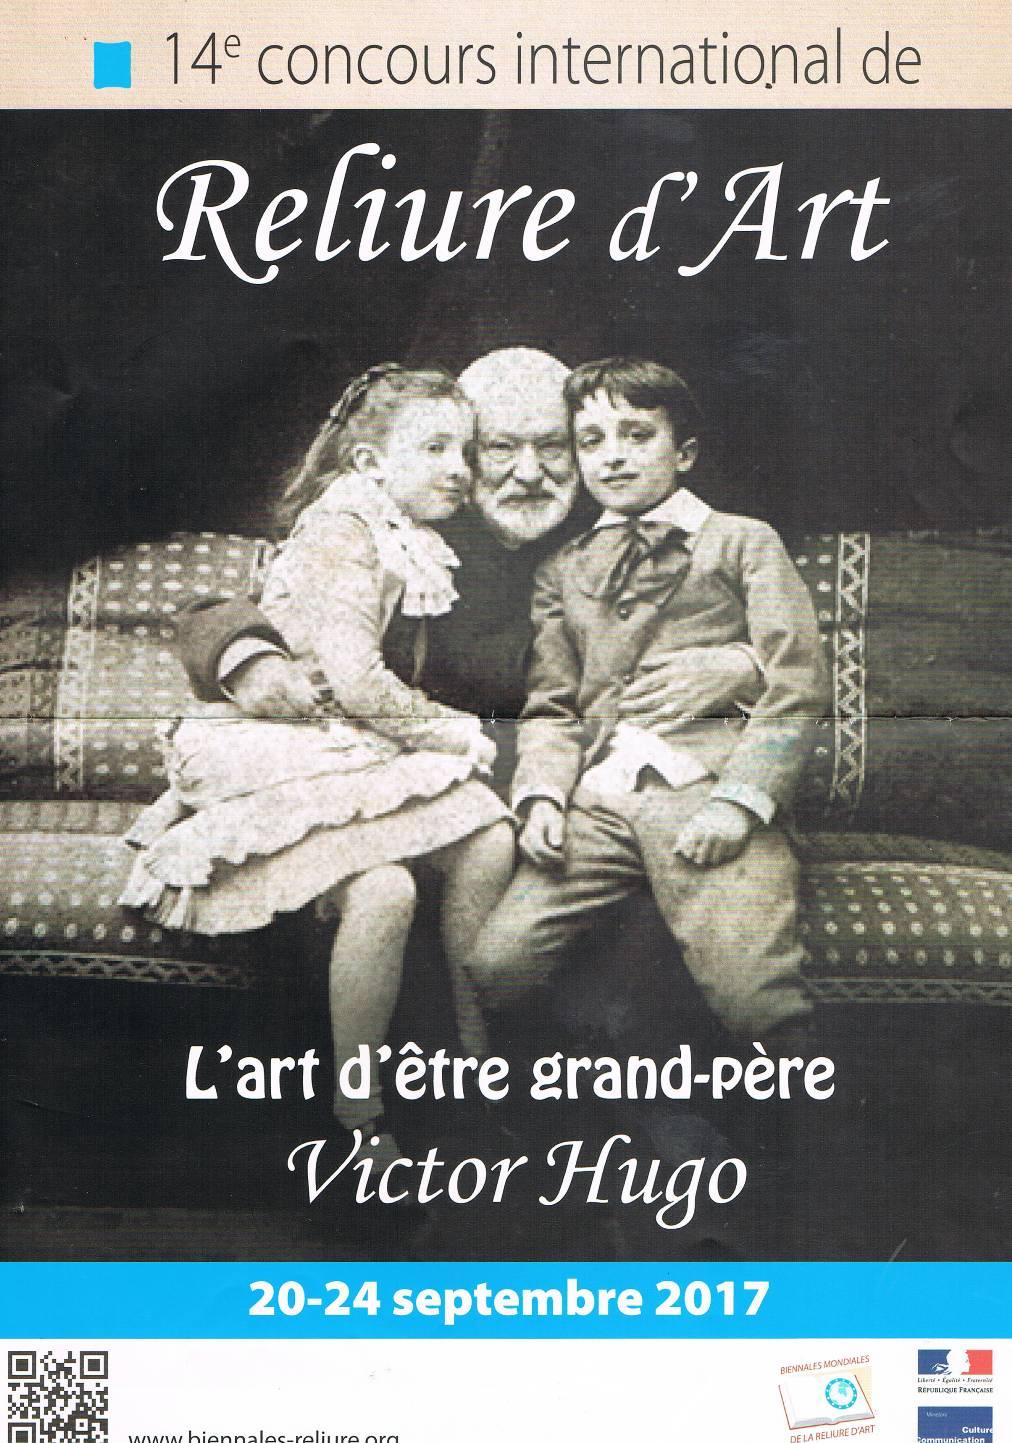 Affiche noir et blanc représentant Victor Hugo en photo avec ses 2 petits-enfants